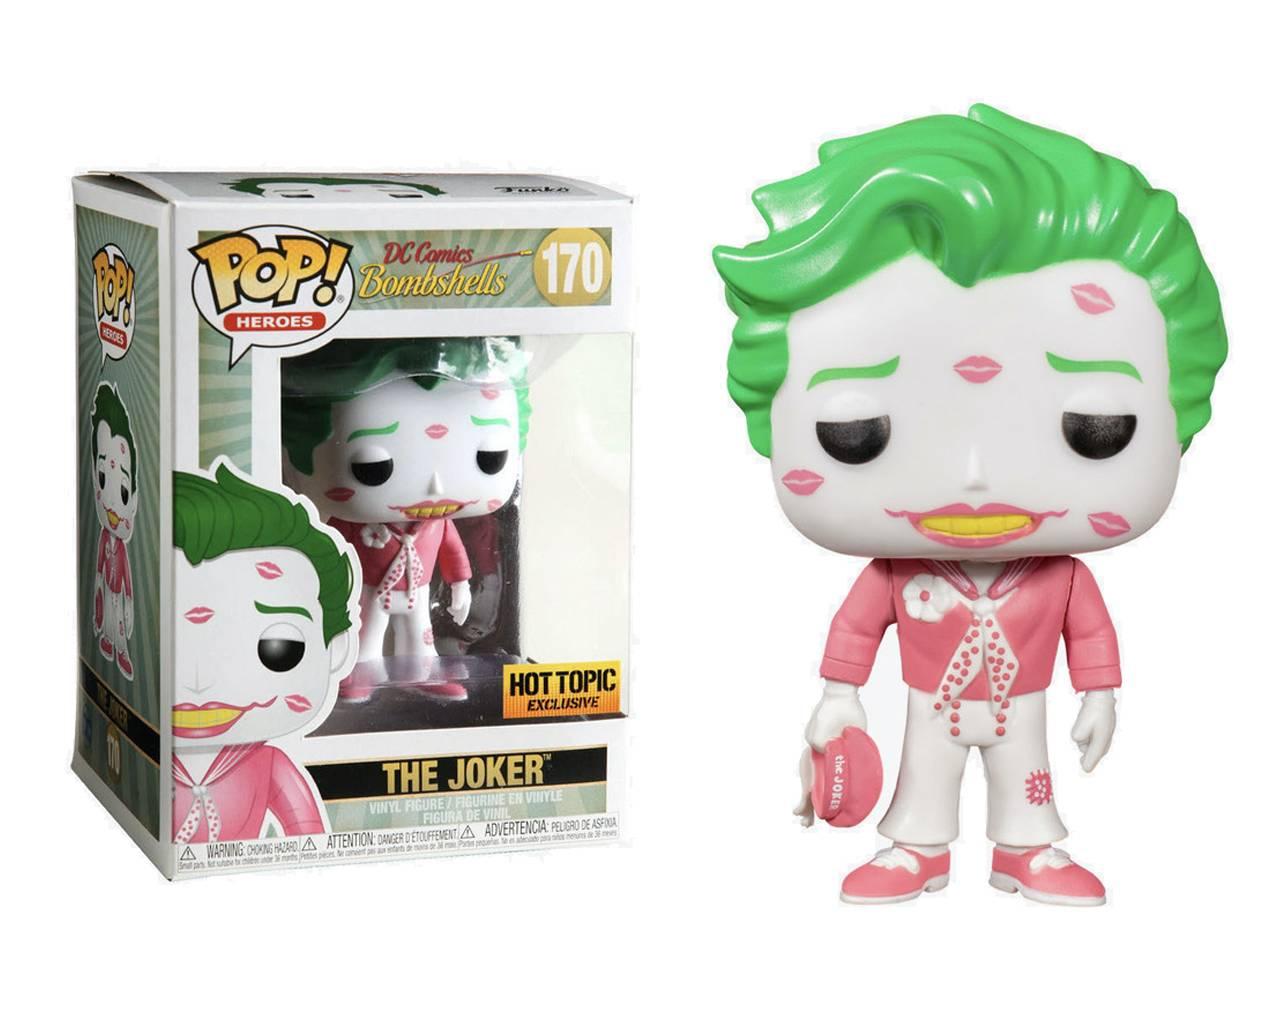 The Joker with Kisses (Pink) Pop! Vinyl